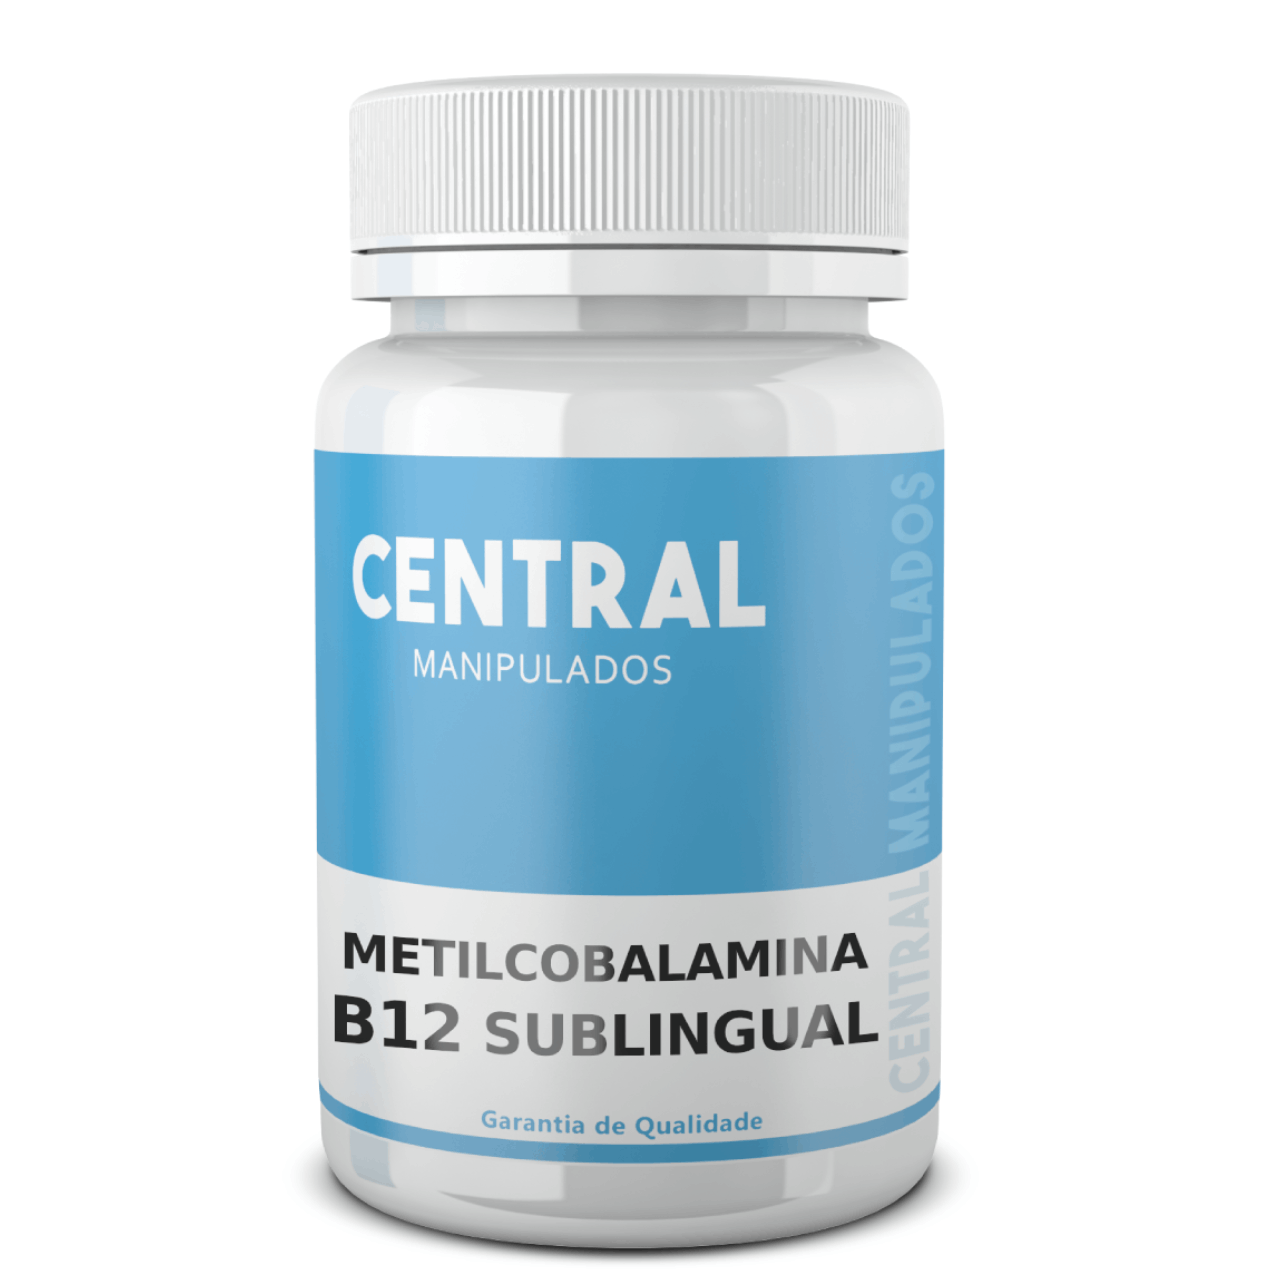 Metilcobalamina 500mcg - 60 cápsulas - Vitamina B12 - Sublingual (Tapiocaps)